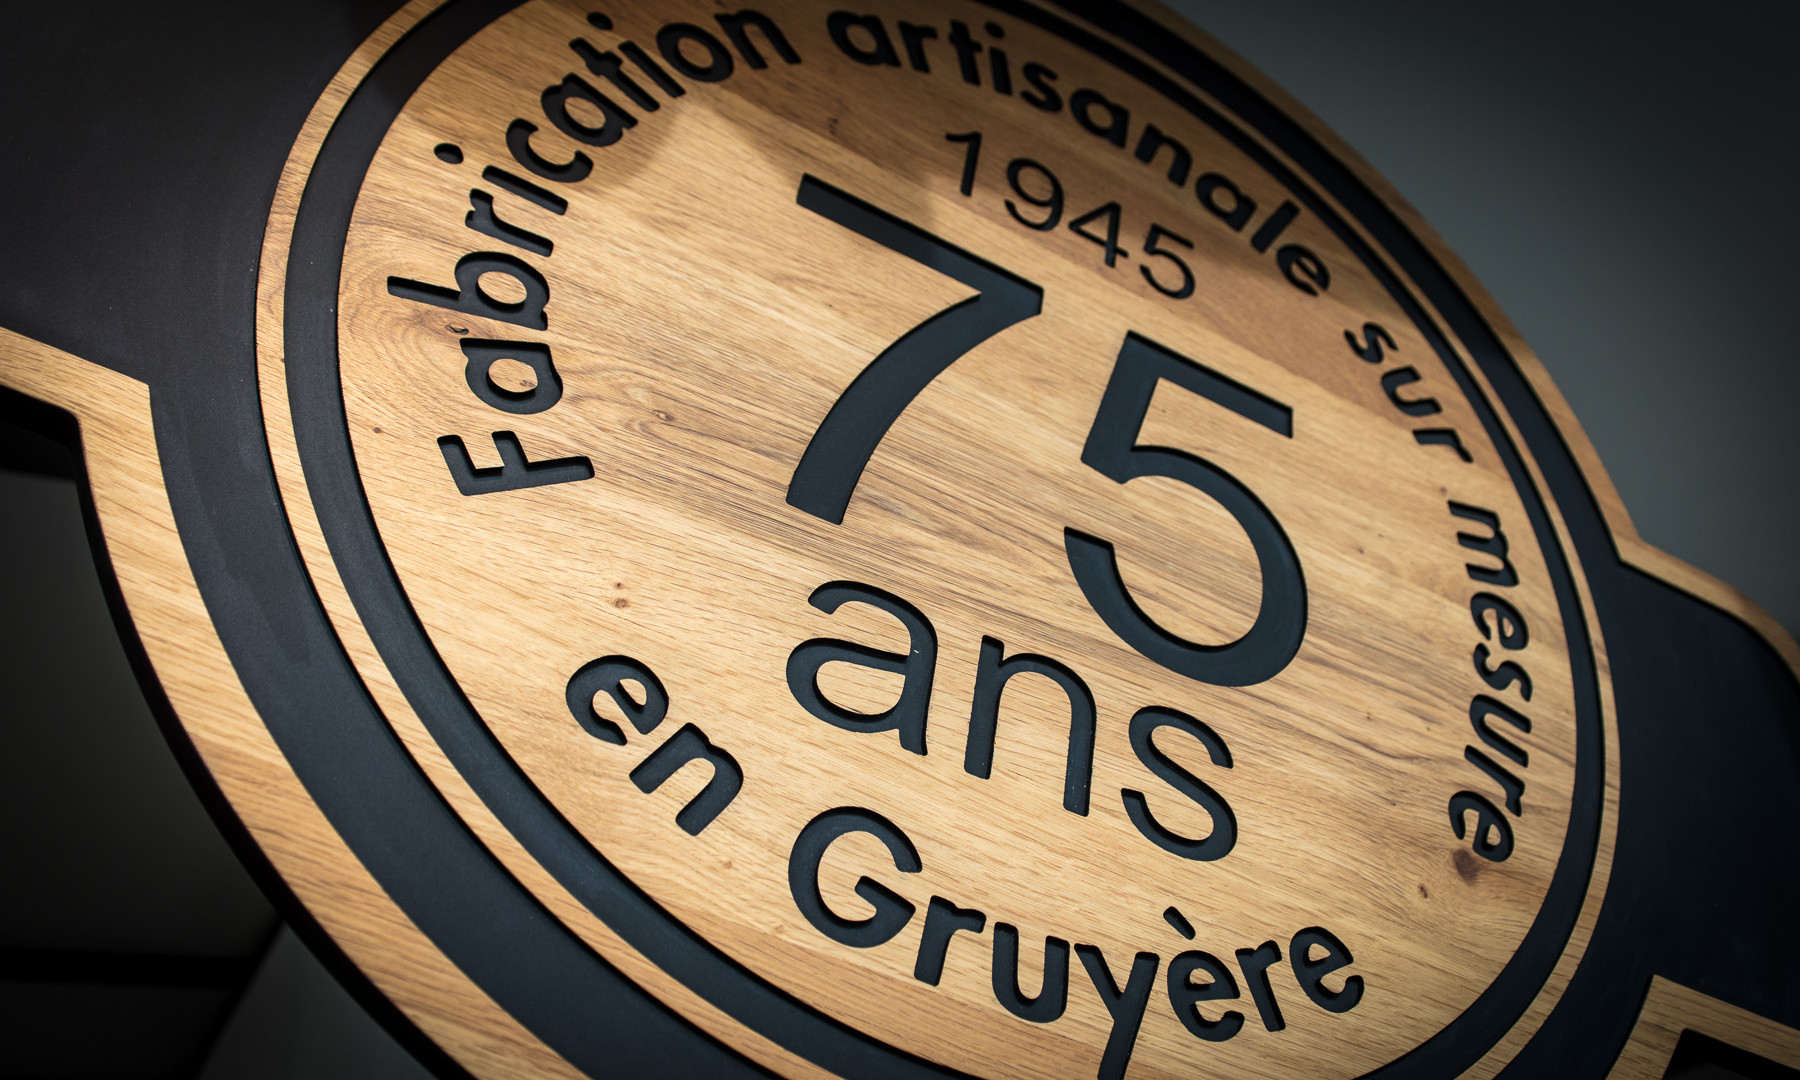 cuisines-magnin-051.jpg